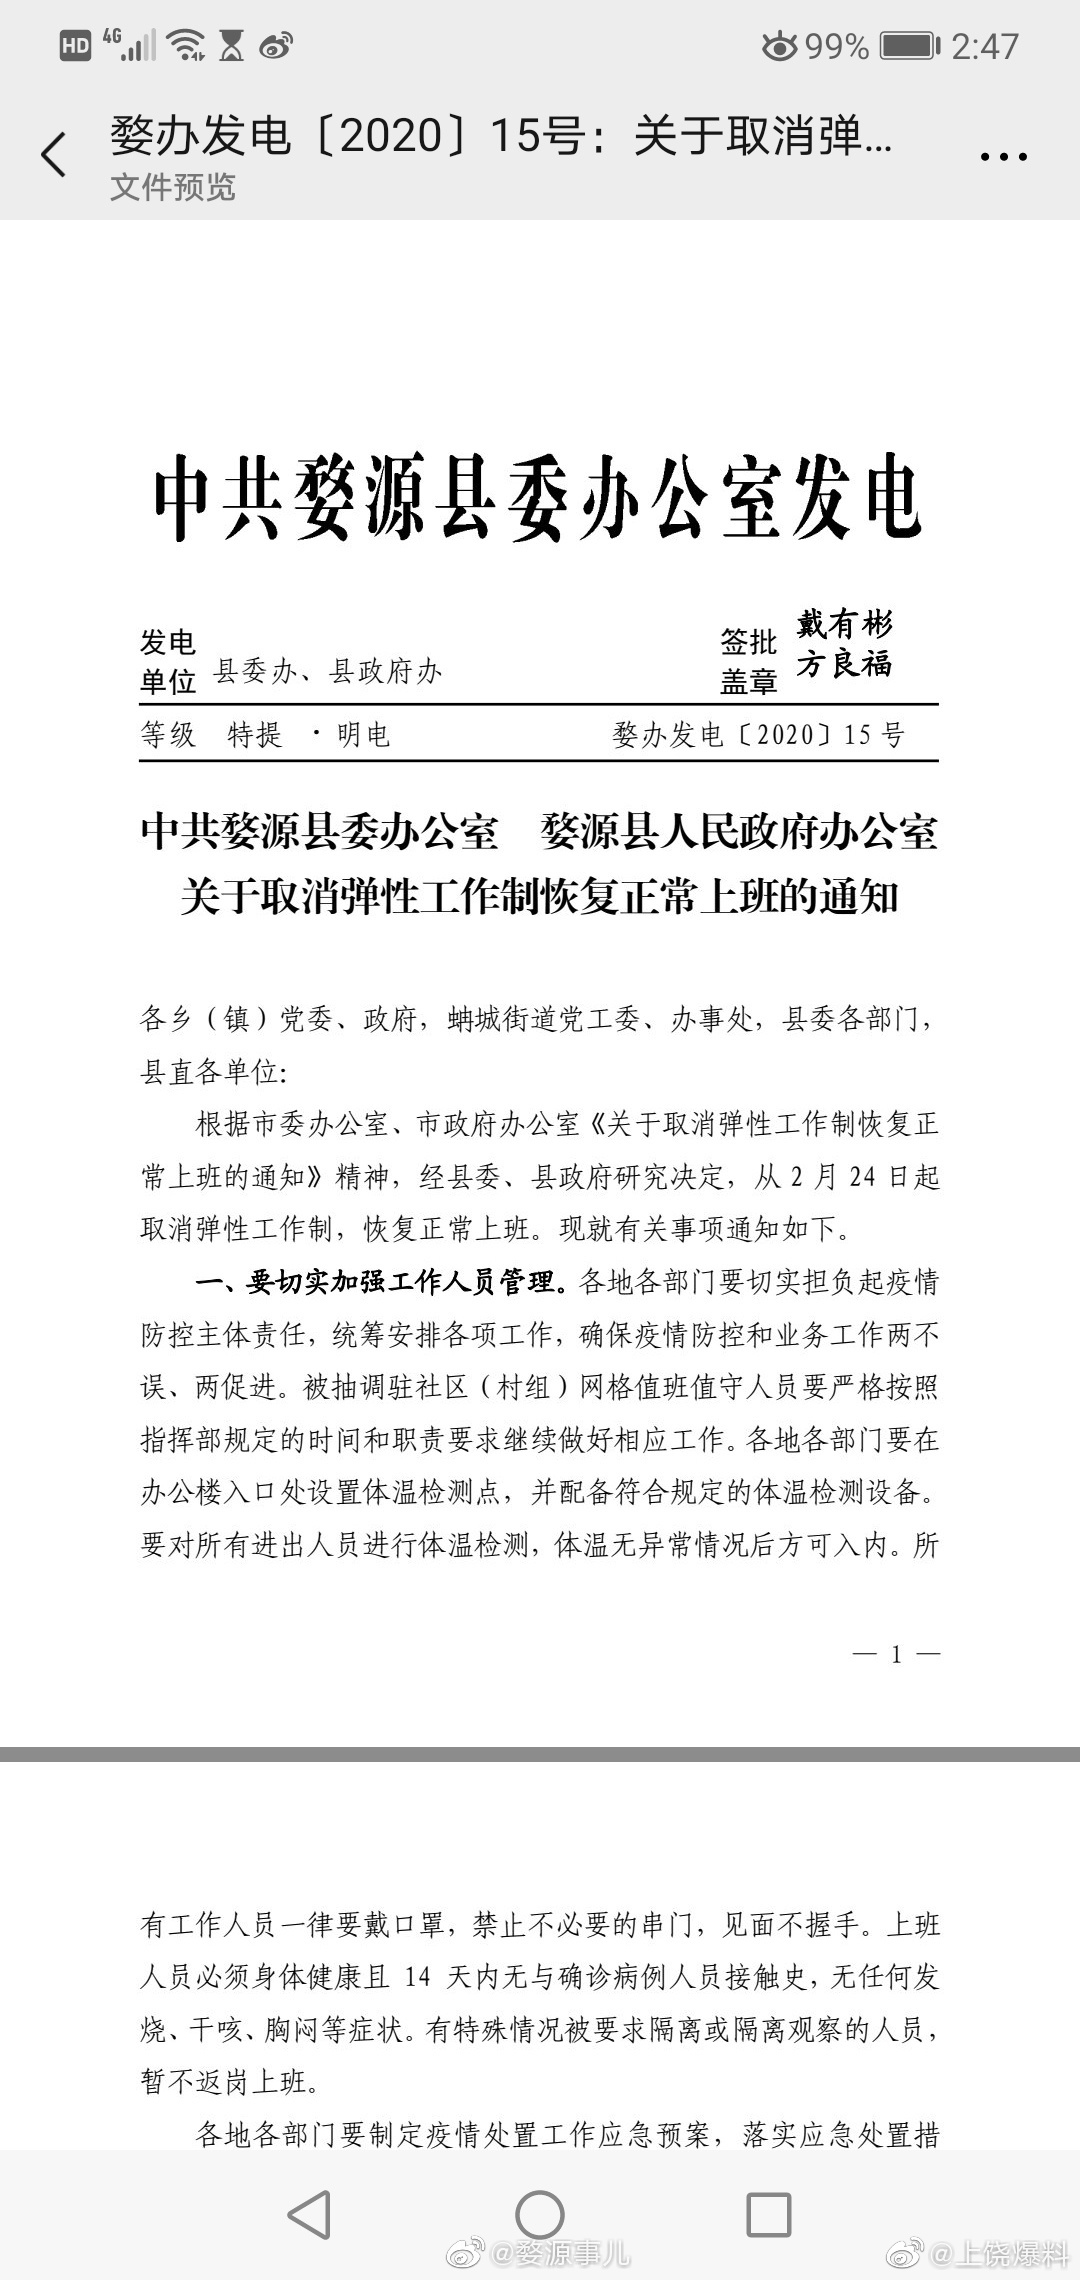 2月24日起婺源县机关单位取消弹性工作制恢复正常上班